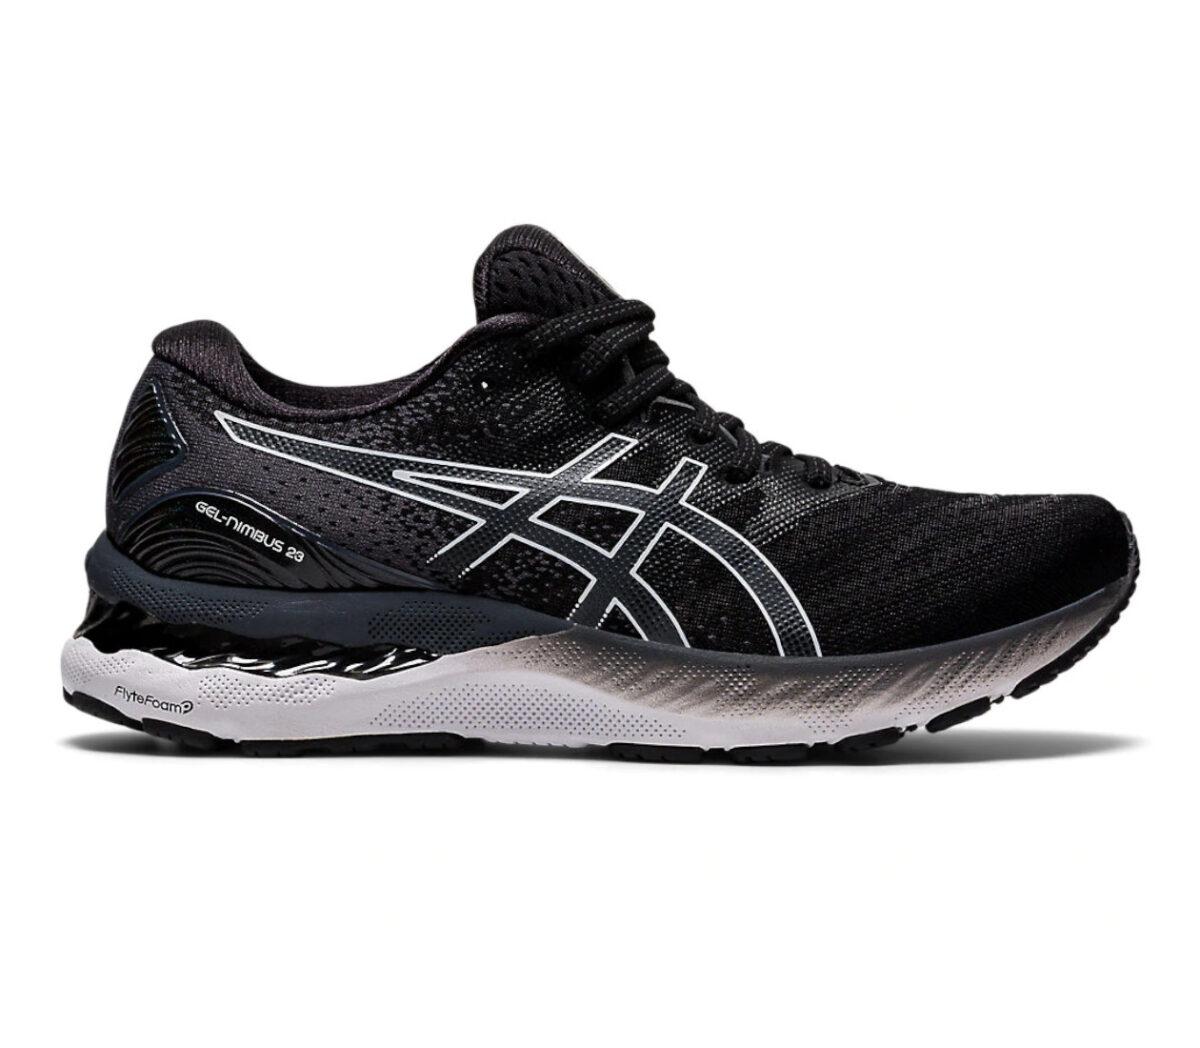 asics gel nimbus 23 scarpa running da donna nera